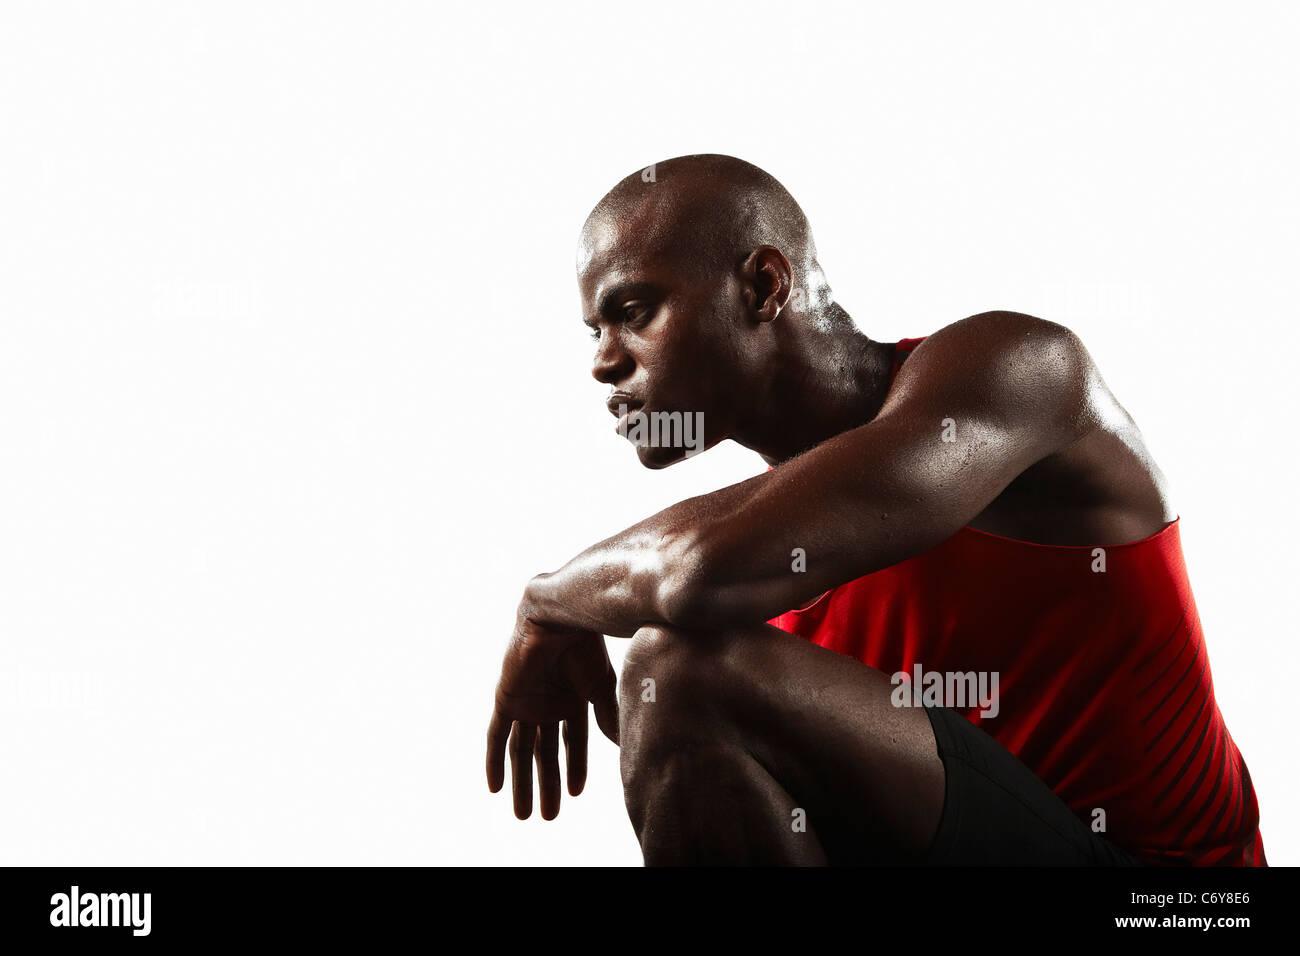 Athlete crouching - Stock Image